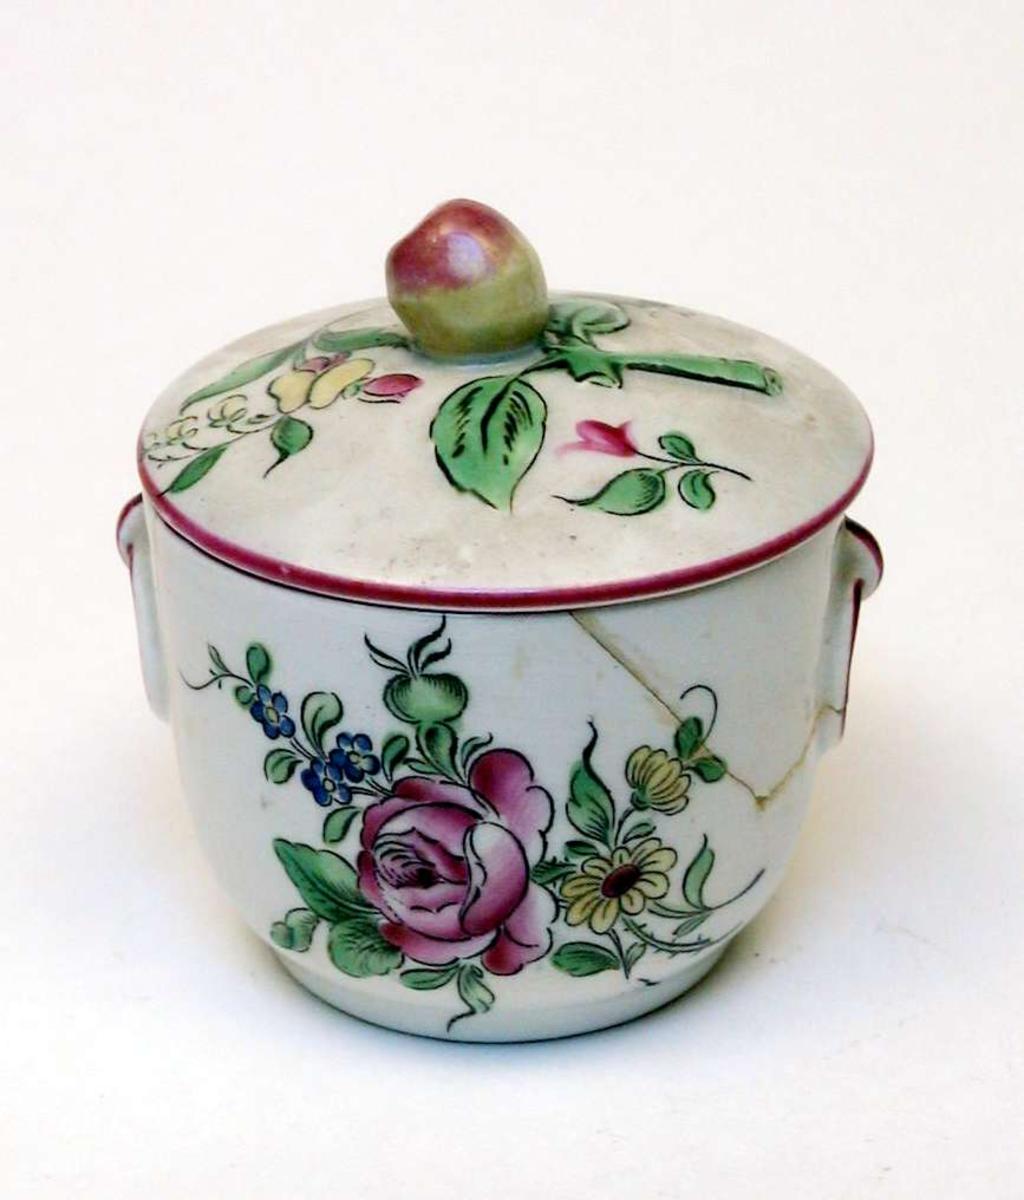 Liten krukke med lokk i kremfarget keramikk og med blomsterdekor. Den er stemplet Demi-porcelaine, Luneville, France, med bokstavene K og G rundt en krone. Krukken er limt.